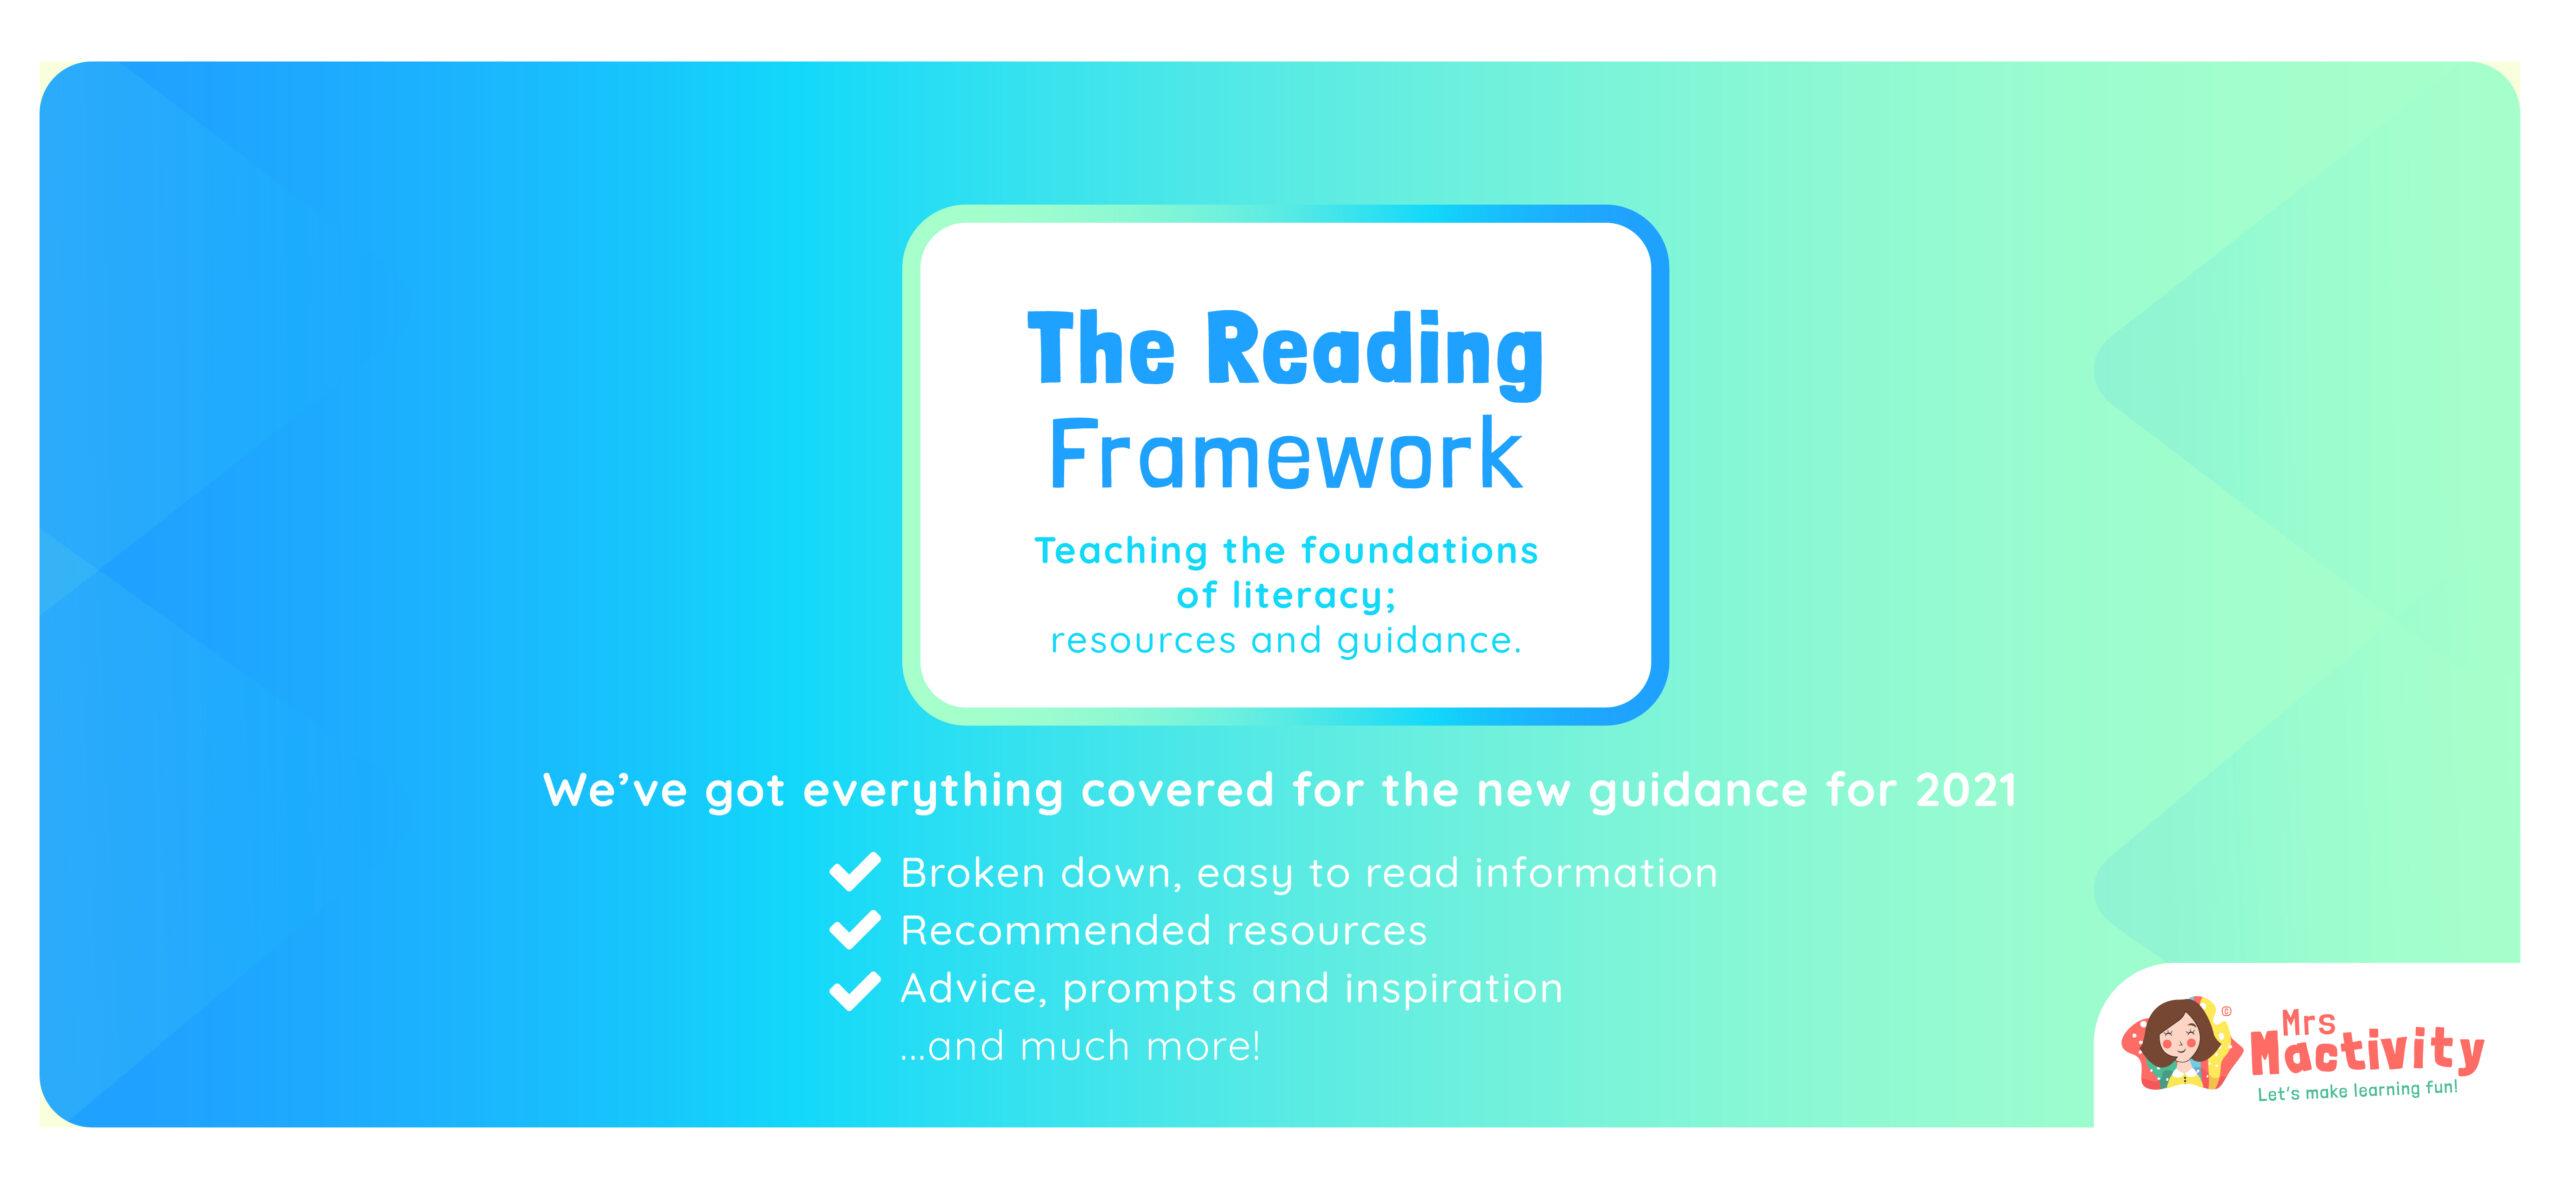 2021 reading framework guidance